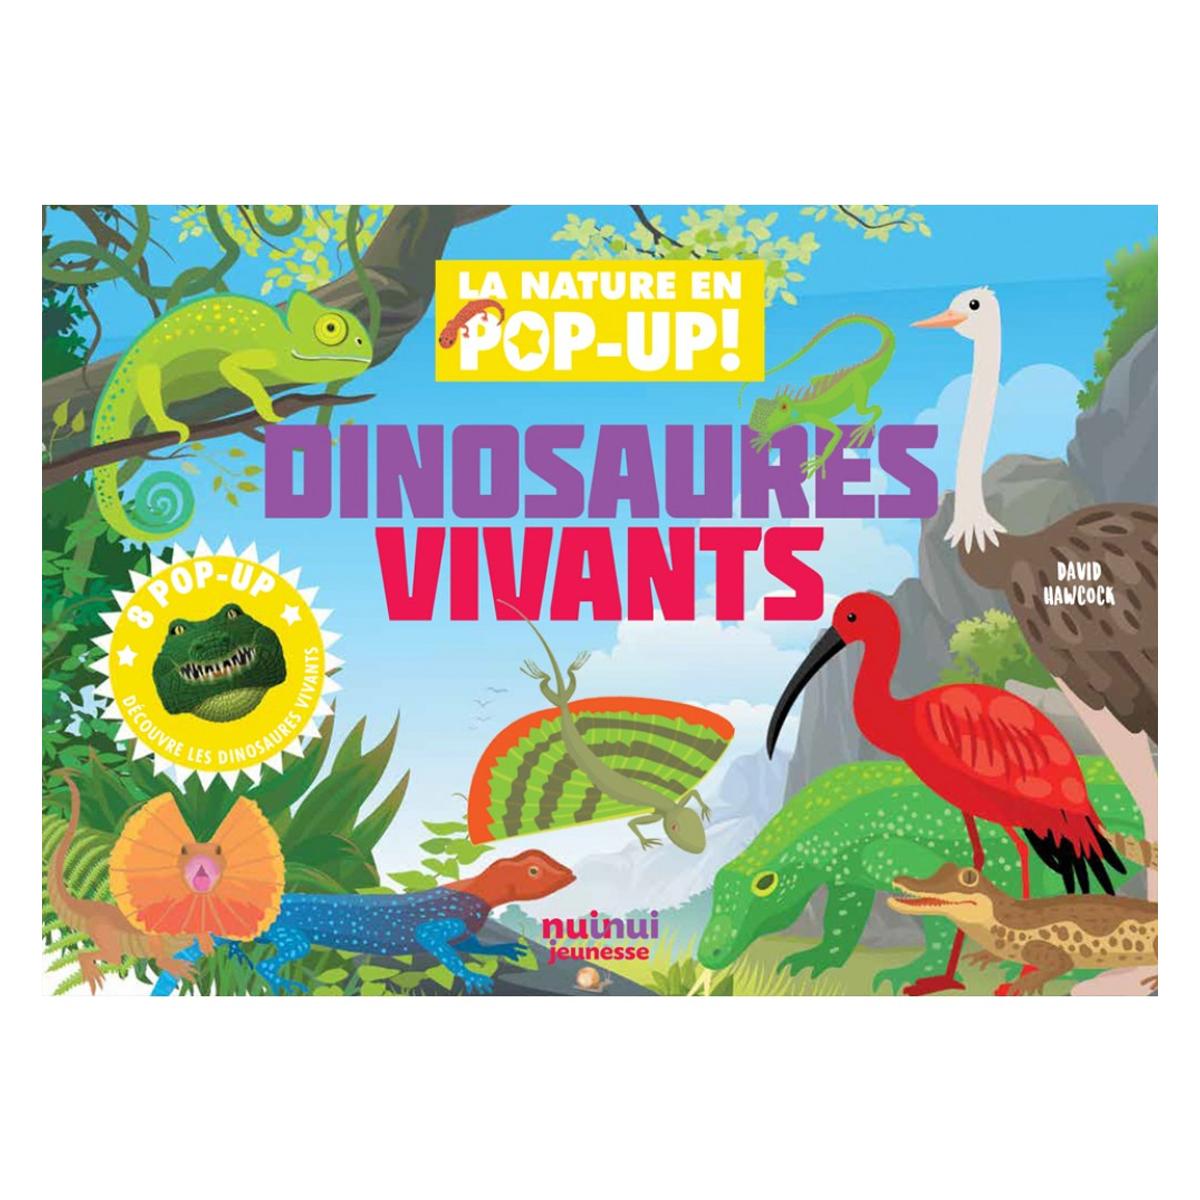 Livre & Carte Dinosaures Vivants Collection Nature - Pop-up